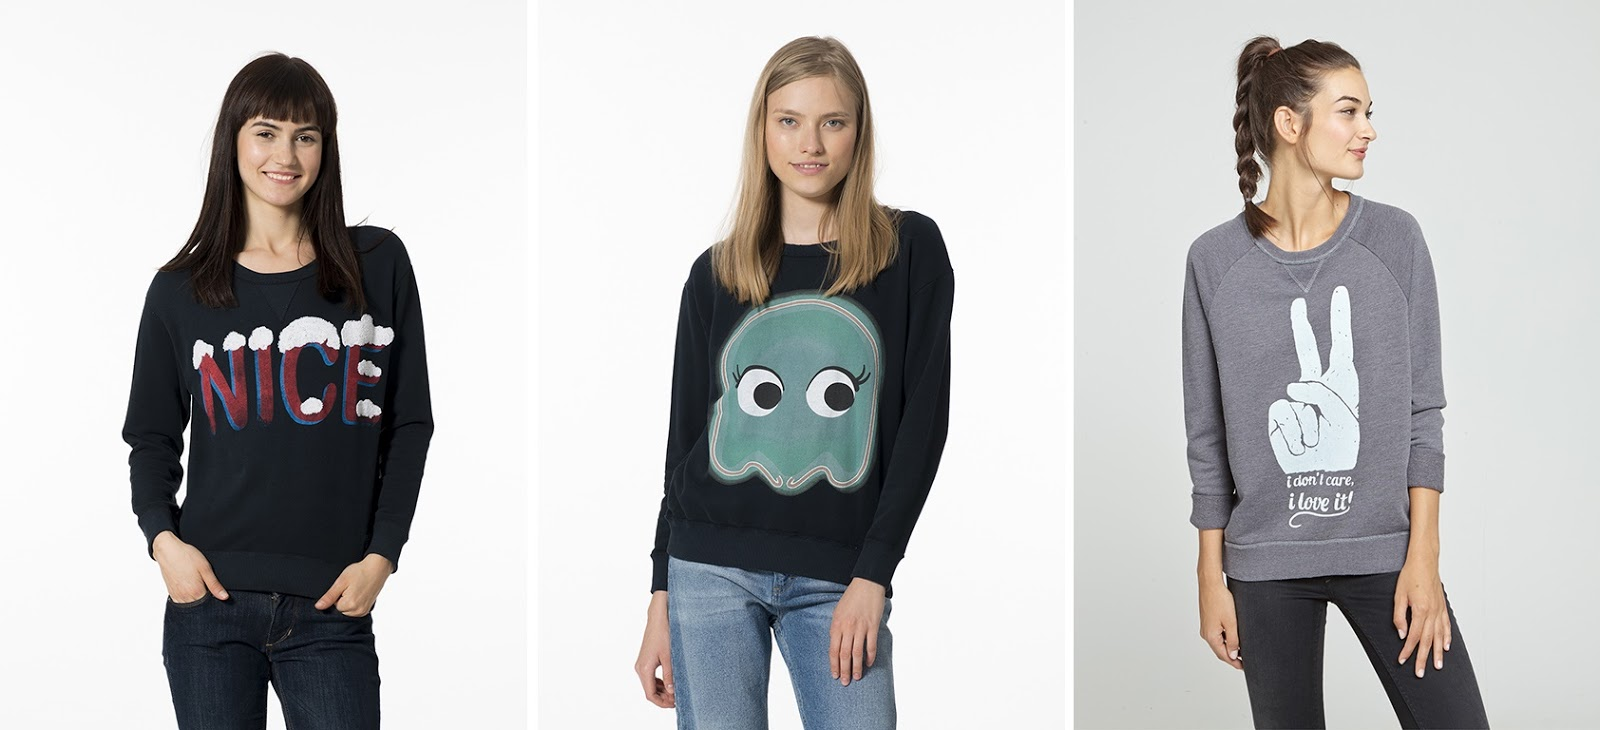 Sudaderas y camisetas con dibujos y mensajes Dear Tee